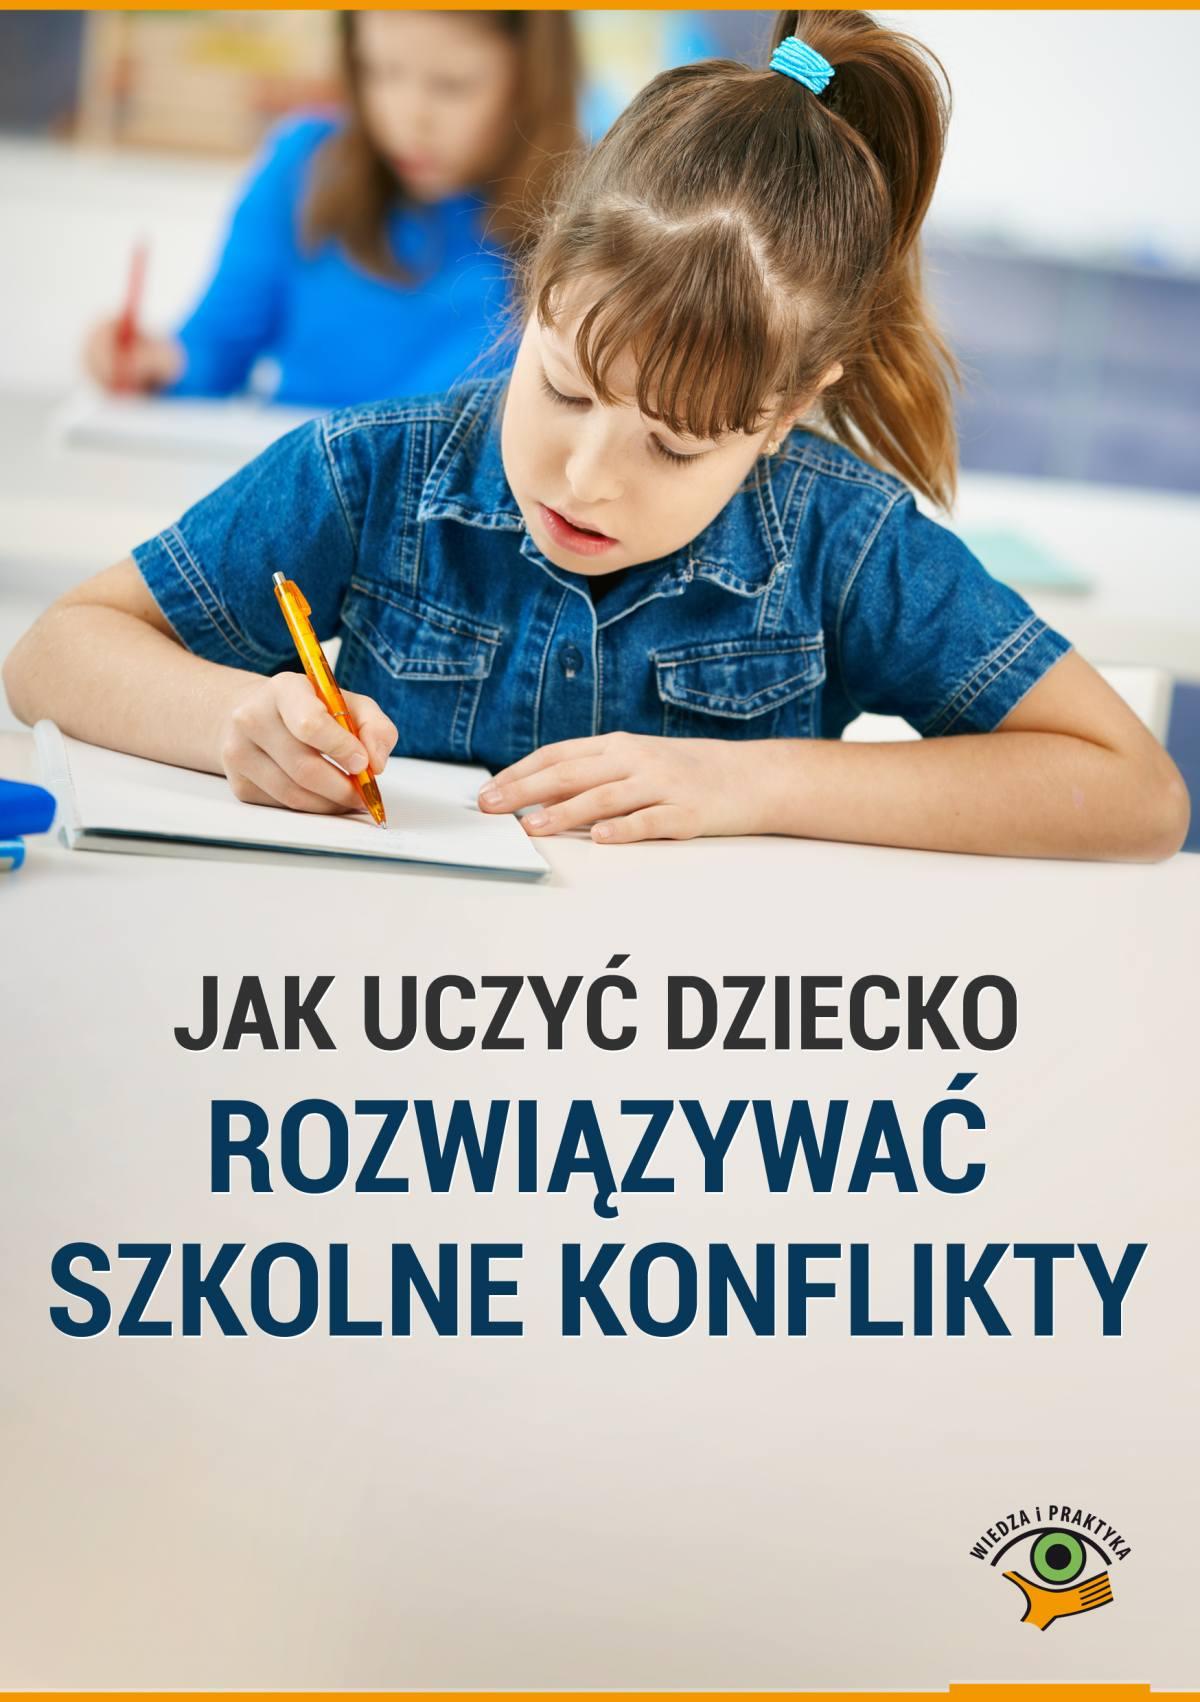 Jak uczyć dziecko rozwiązywać szkolne konflikty - Ebook (Książka PDF) do pobrania w formacie PDF